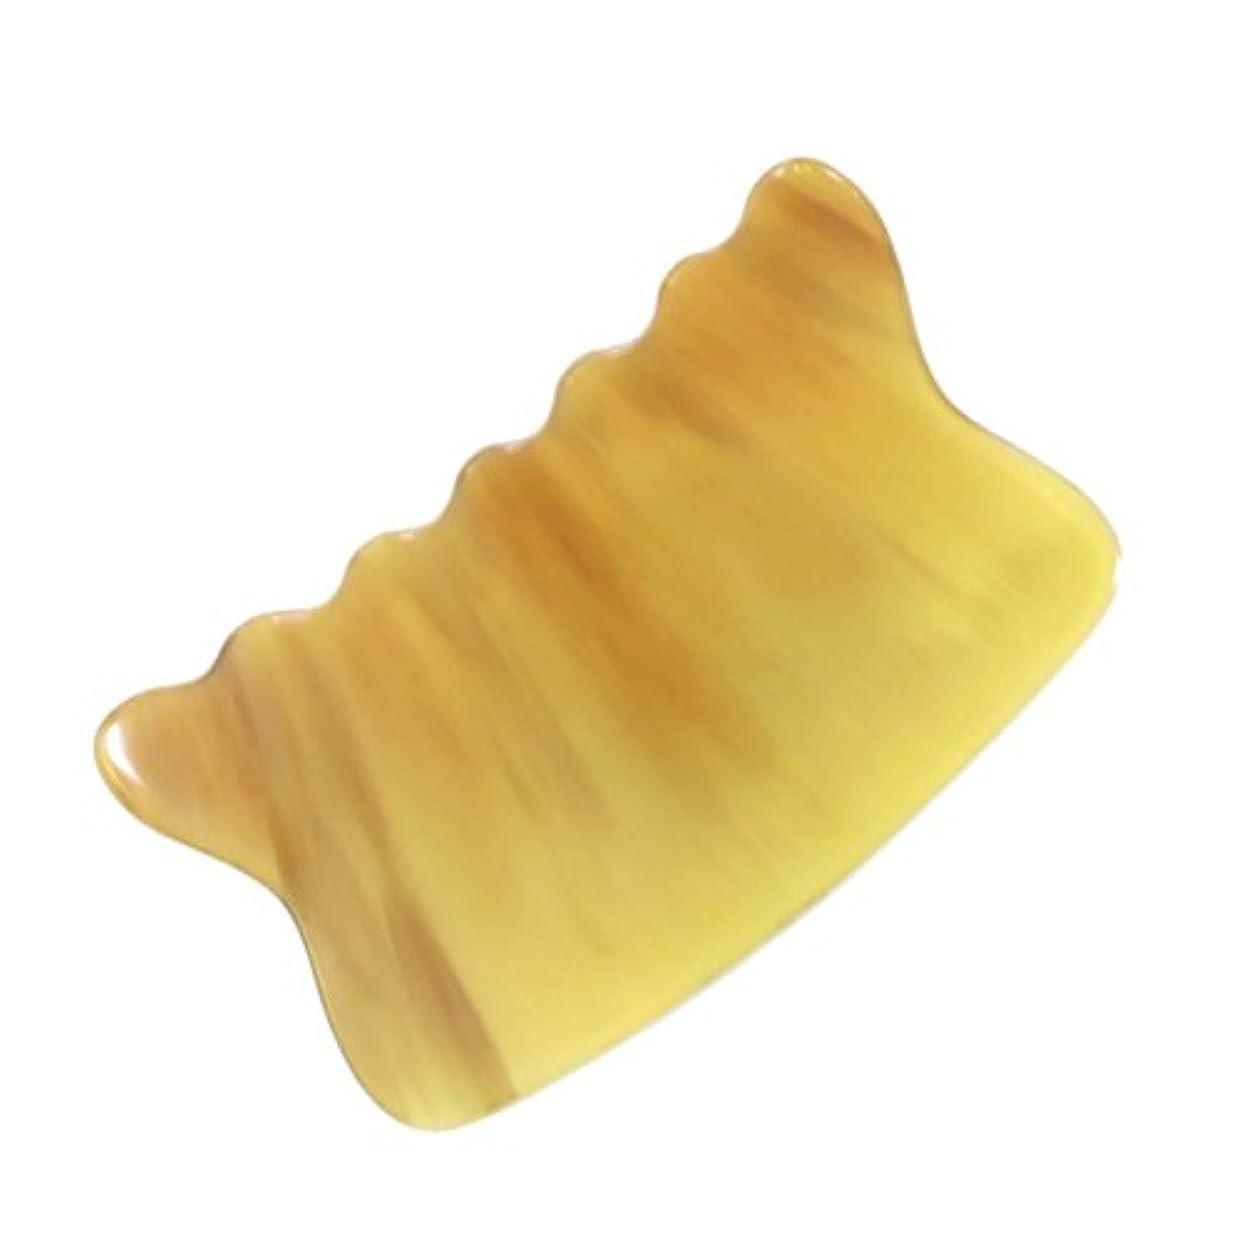 かっさ プレート 希少62 黄水牛角 極美品 曲波型